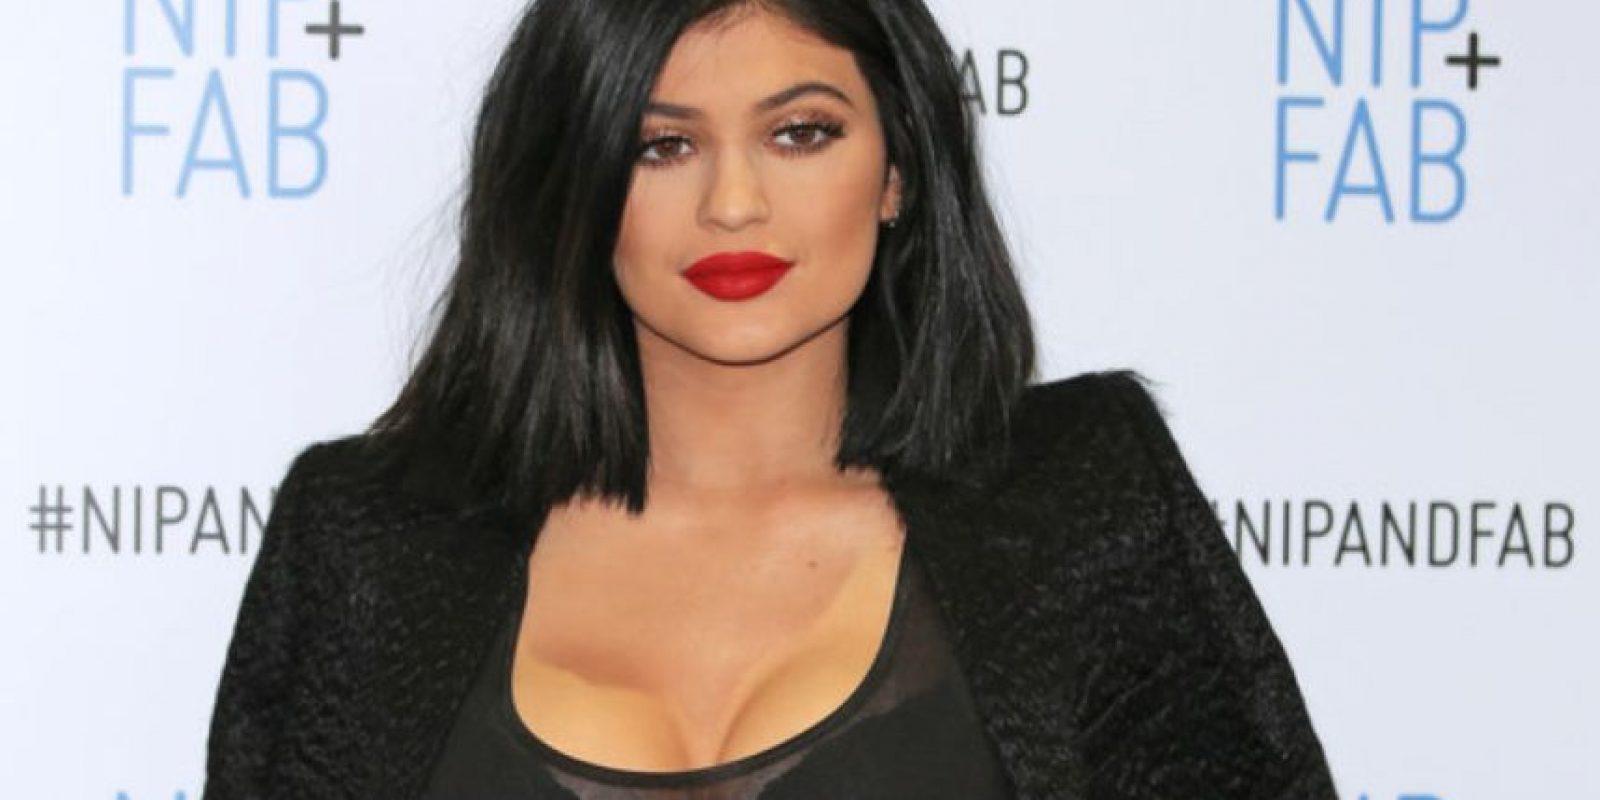 Kylie Jenner impresionó con este mal maquillaje en su última aparición. Foto:Getty Images